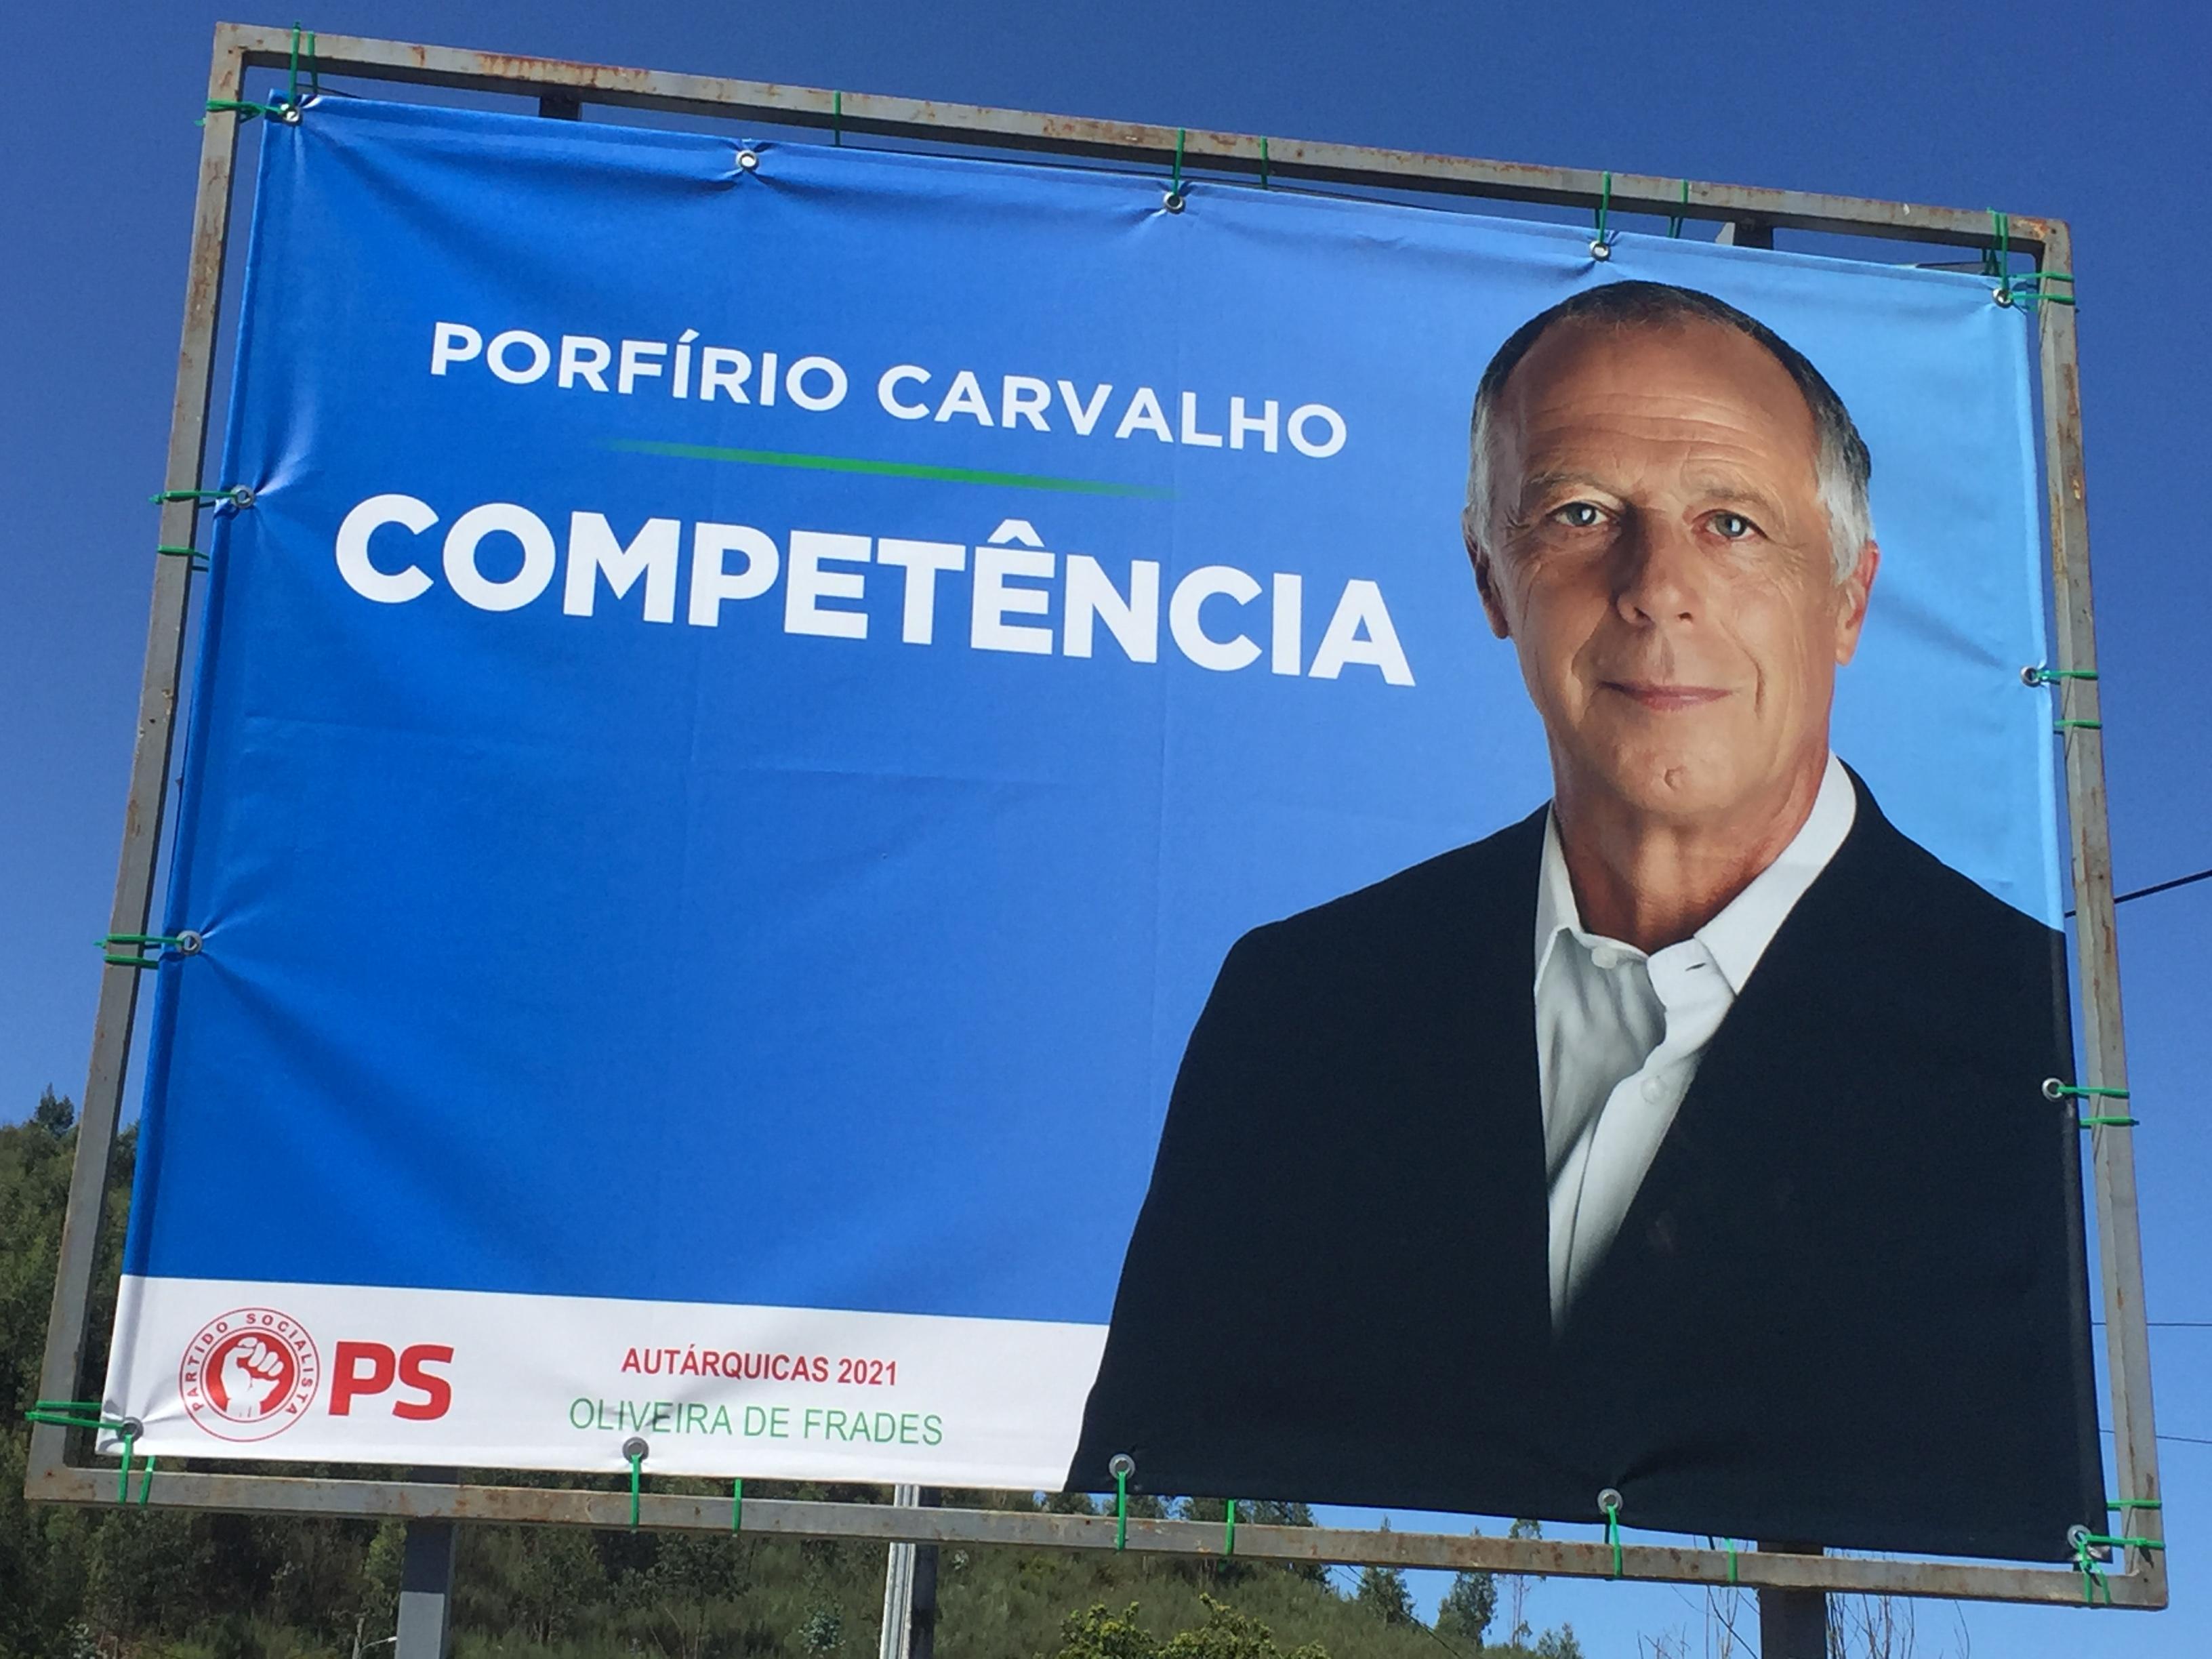 PS_2021_Oliveira Frades_00 (2)